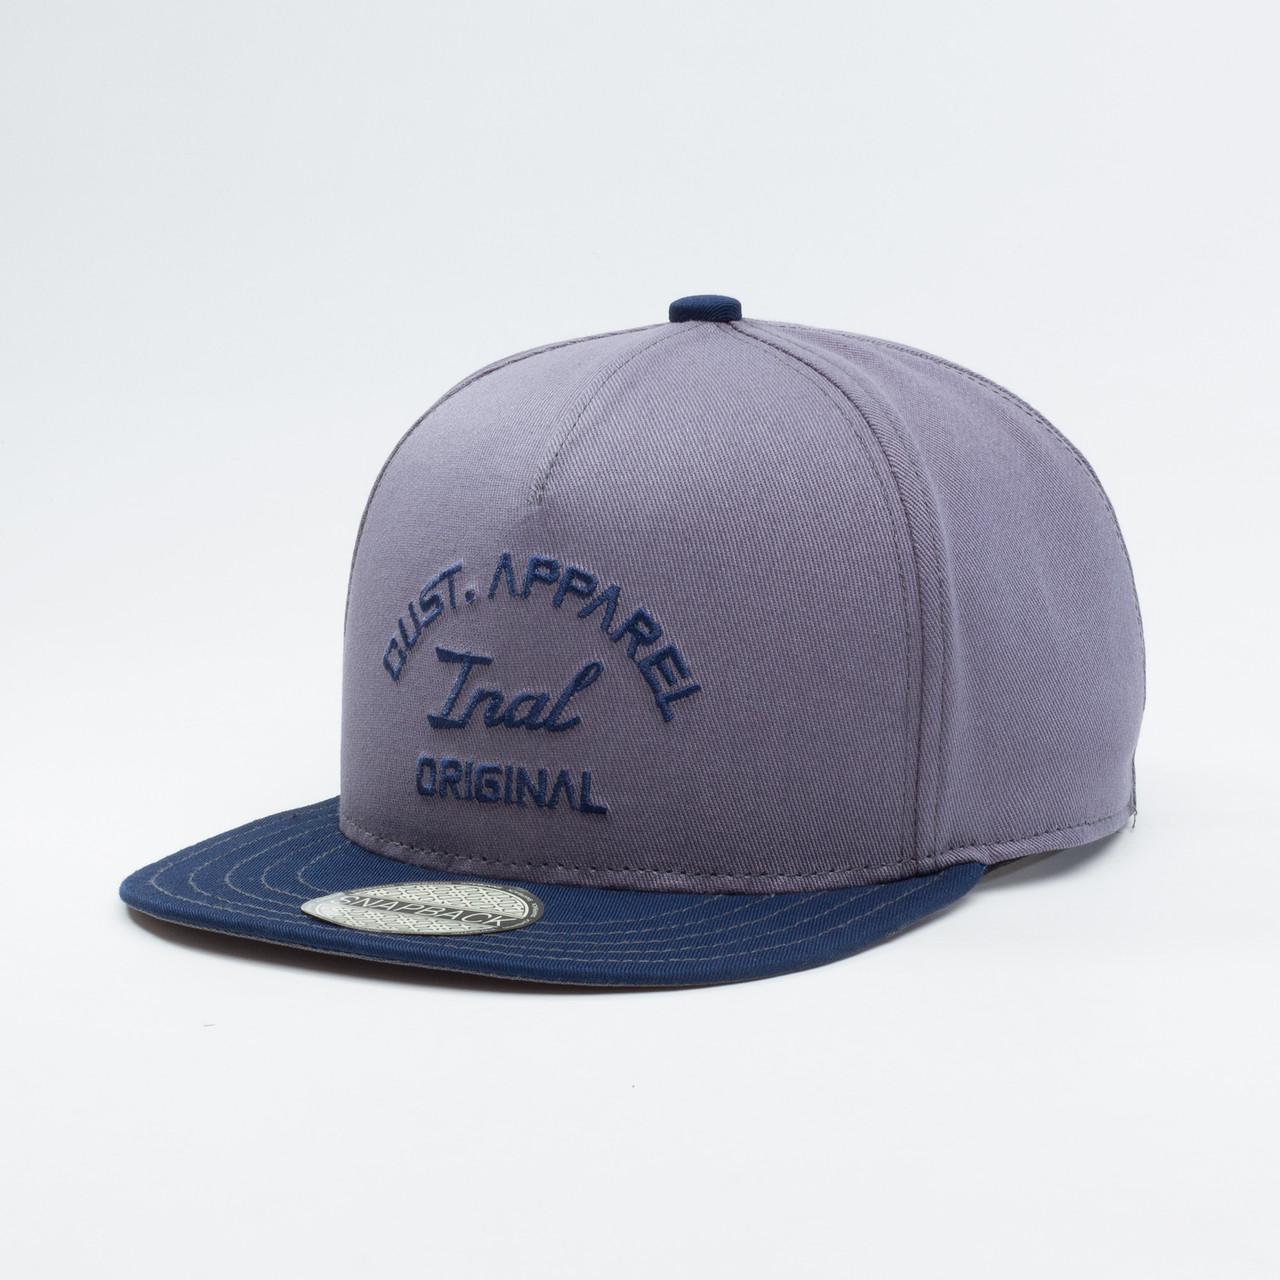 Детская кепка бейсболка для мальчика INAL original XS / 51-52 RU Серый 164951